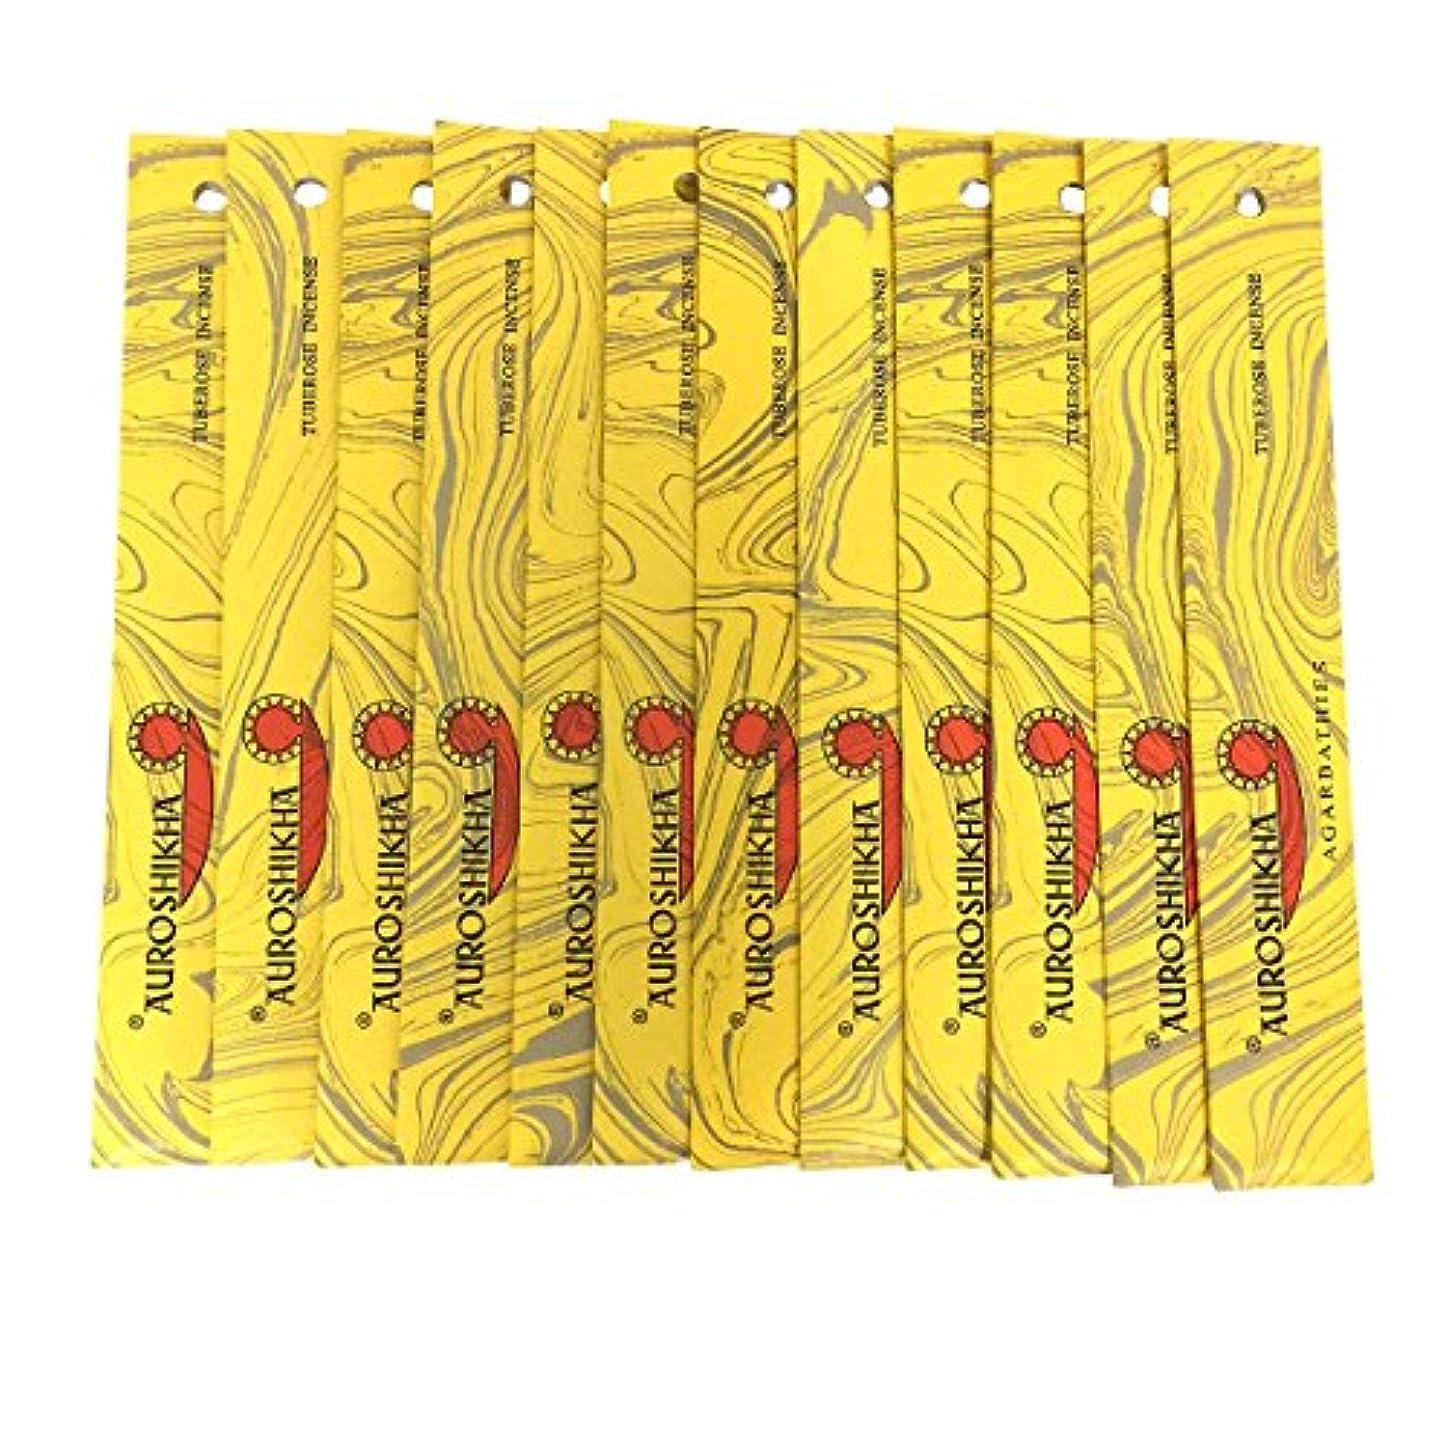 納屋条約別れるAUROSHIKHA オウロシカ(TUBEROSEチューベローズ12個セット) マーブルパッケージスティック 送料無料